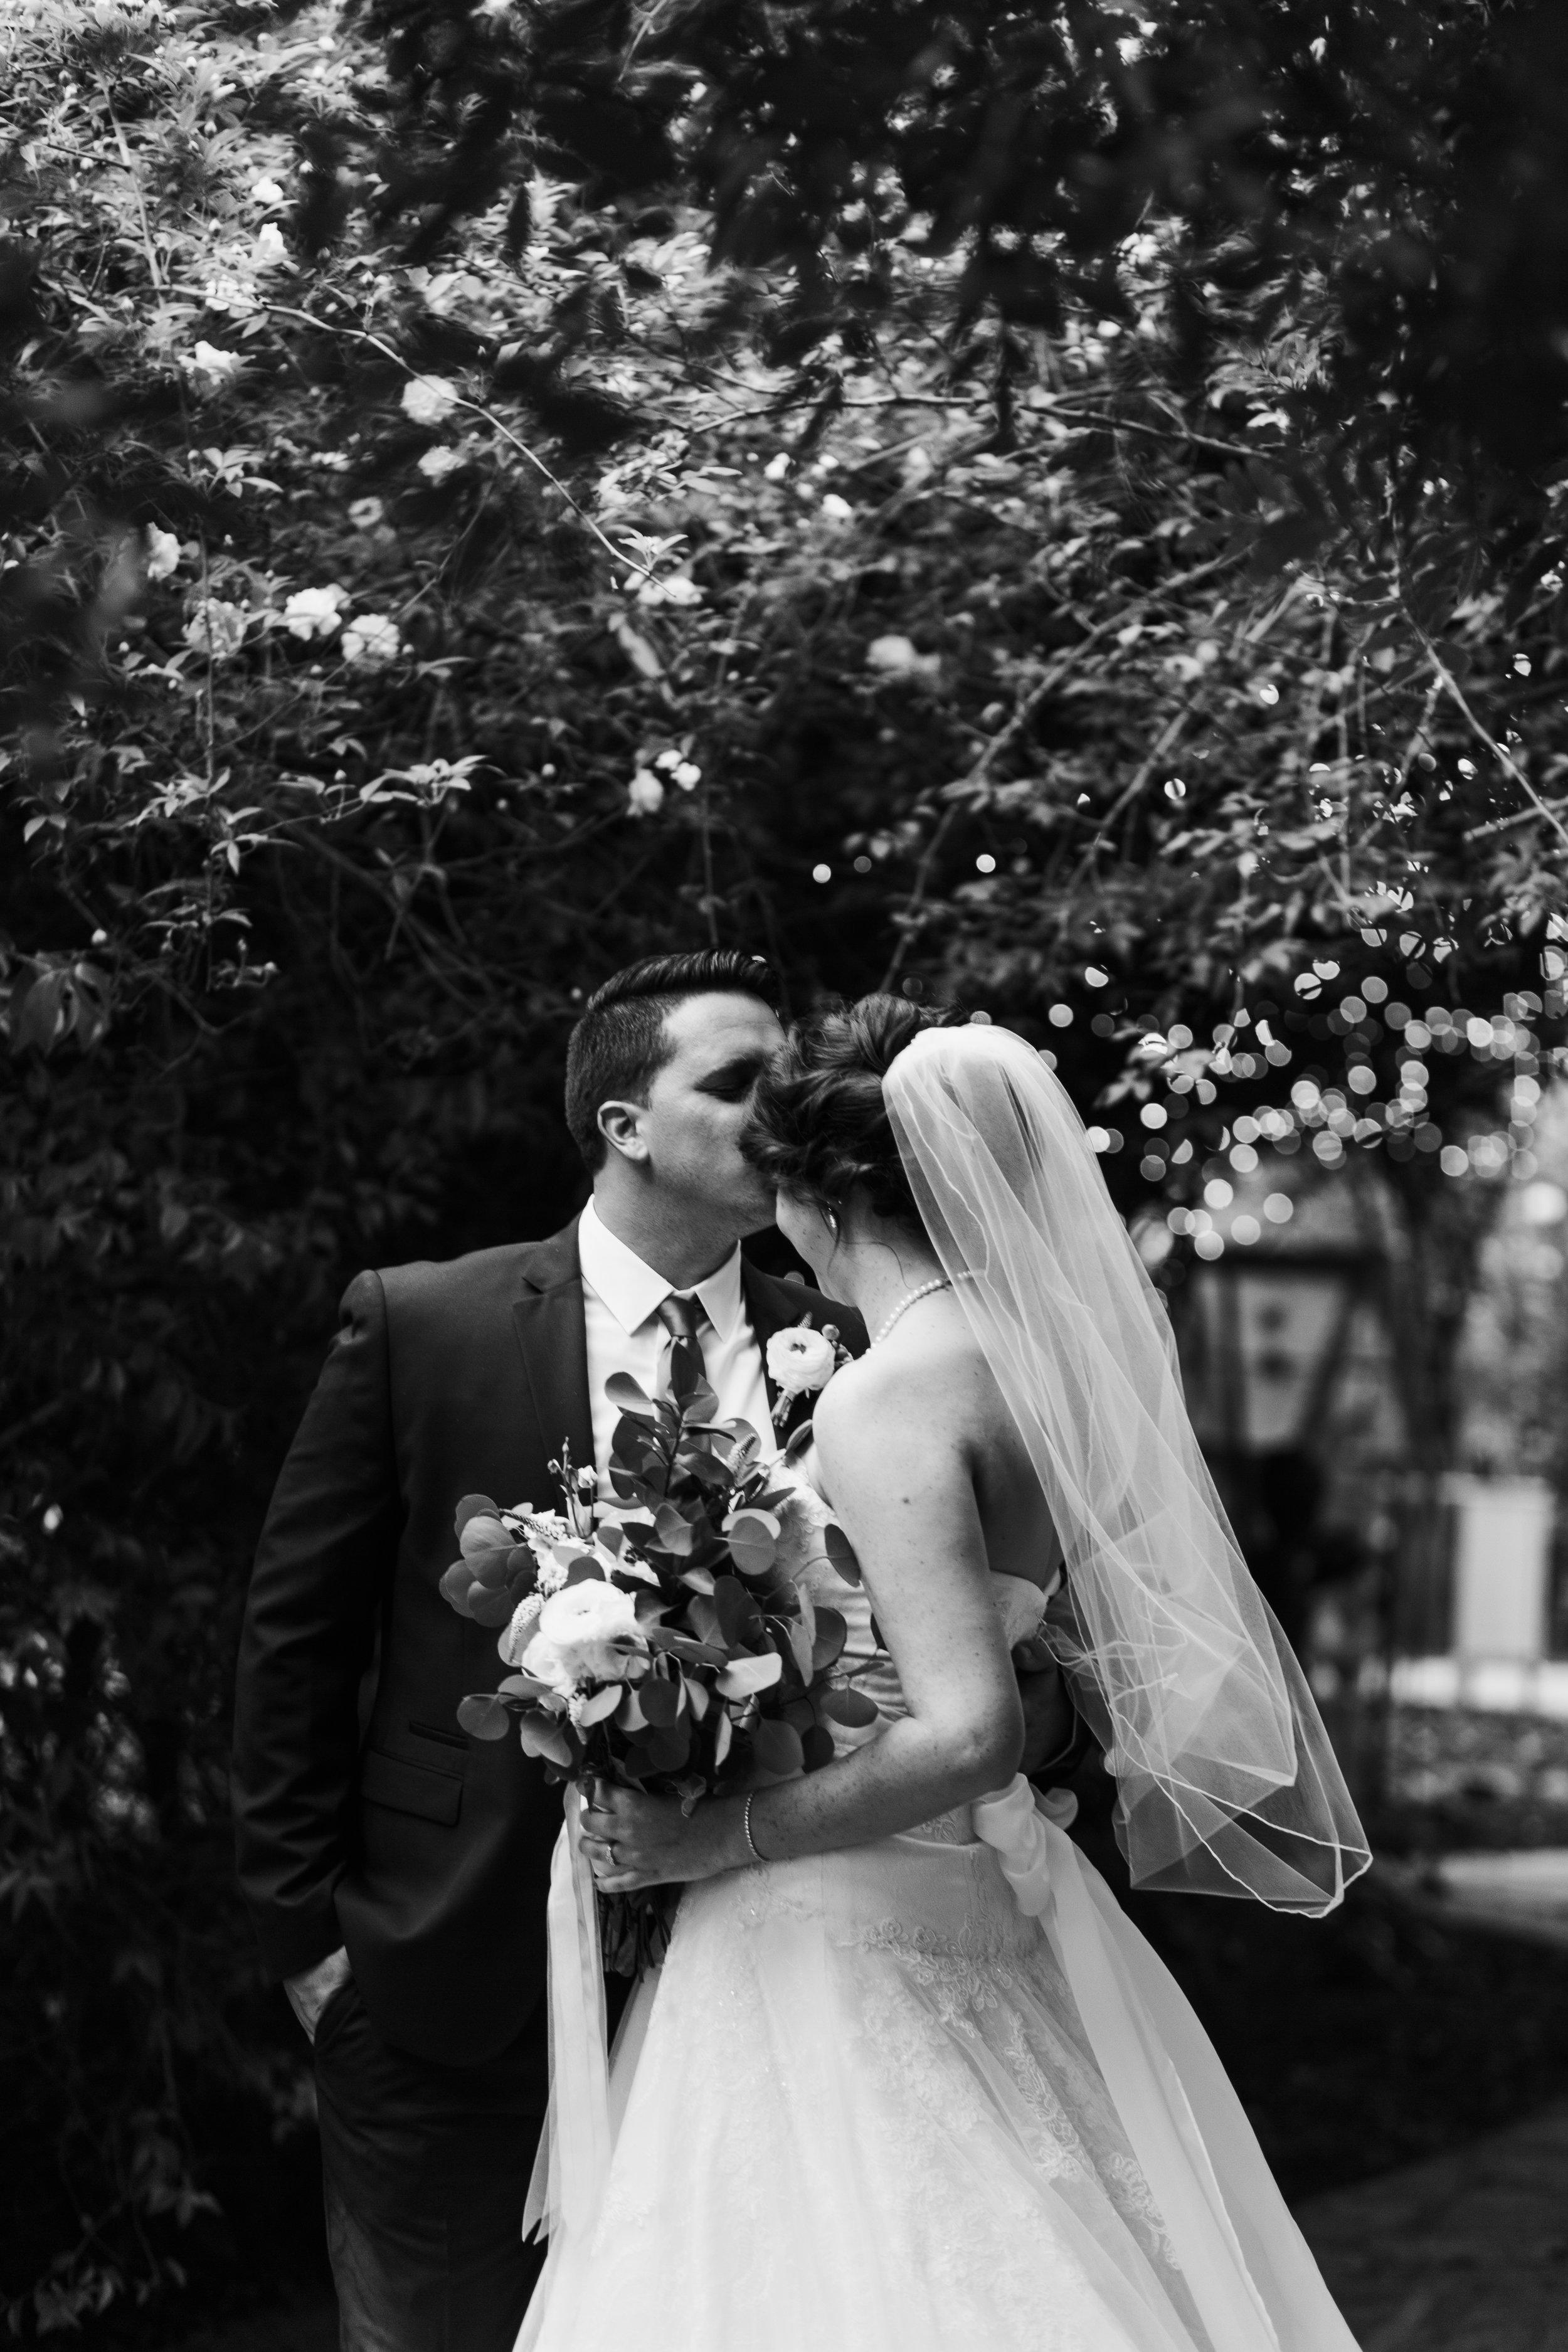 KaraNixonWeddings-SanMarcos-Wedding-61.jpg